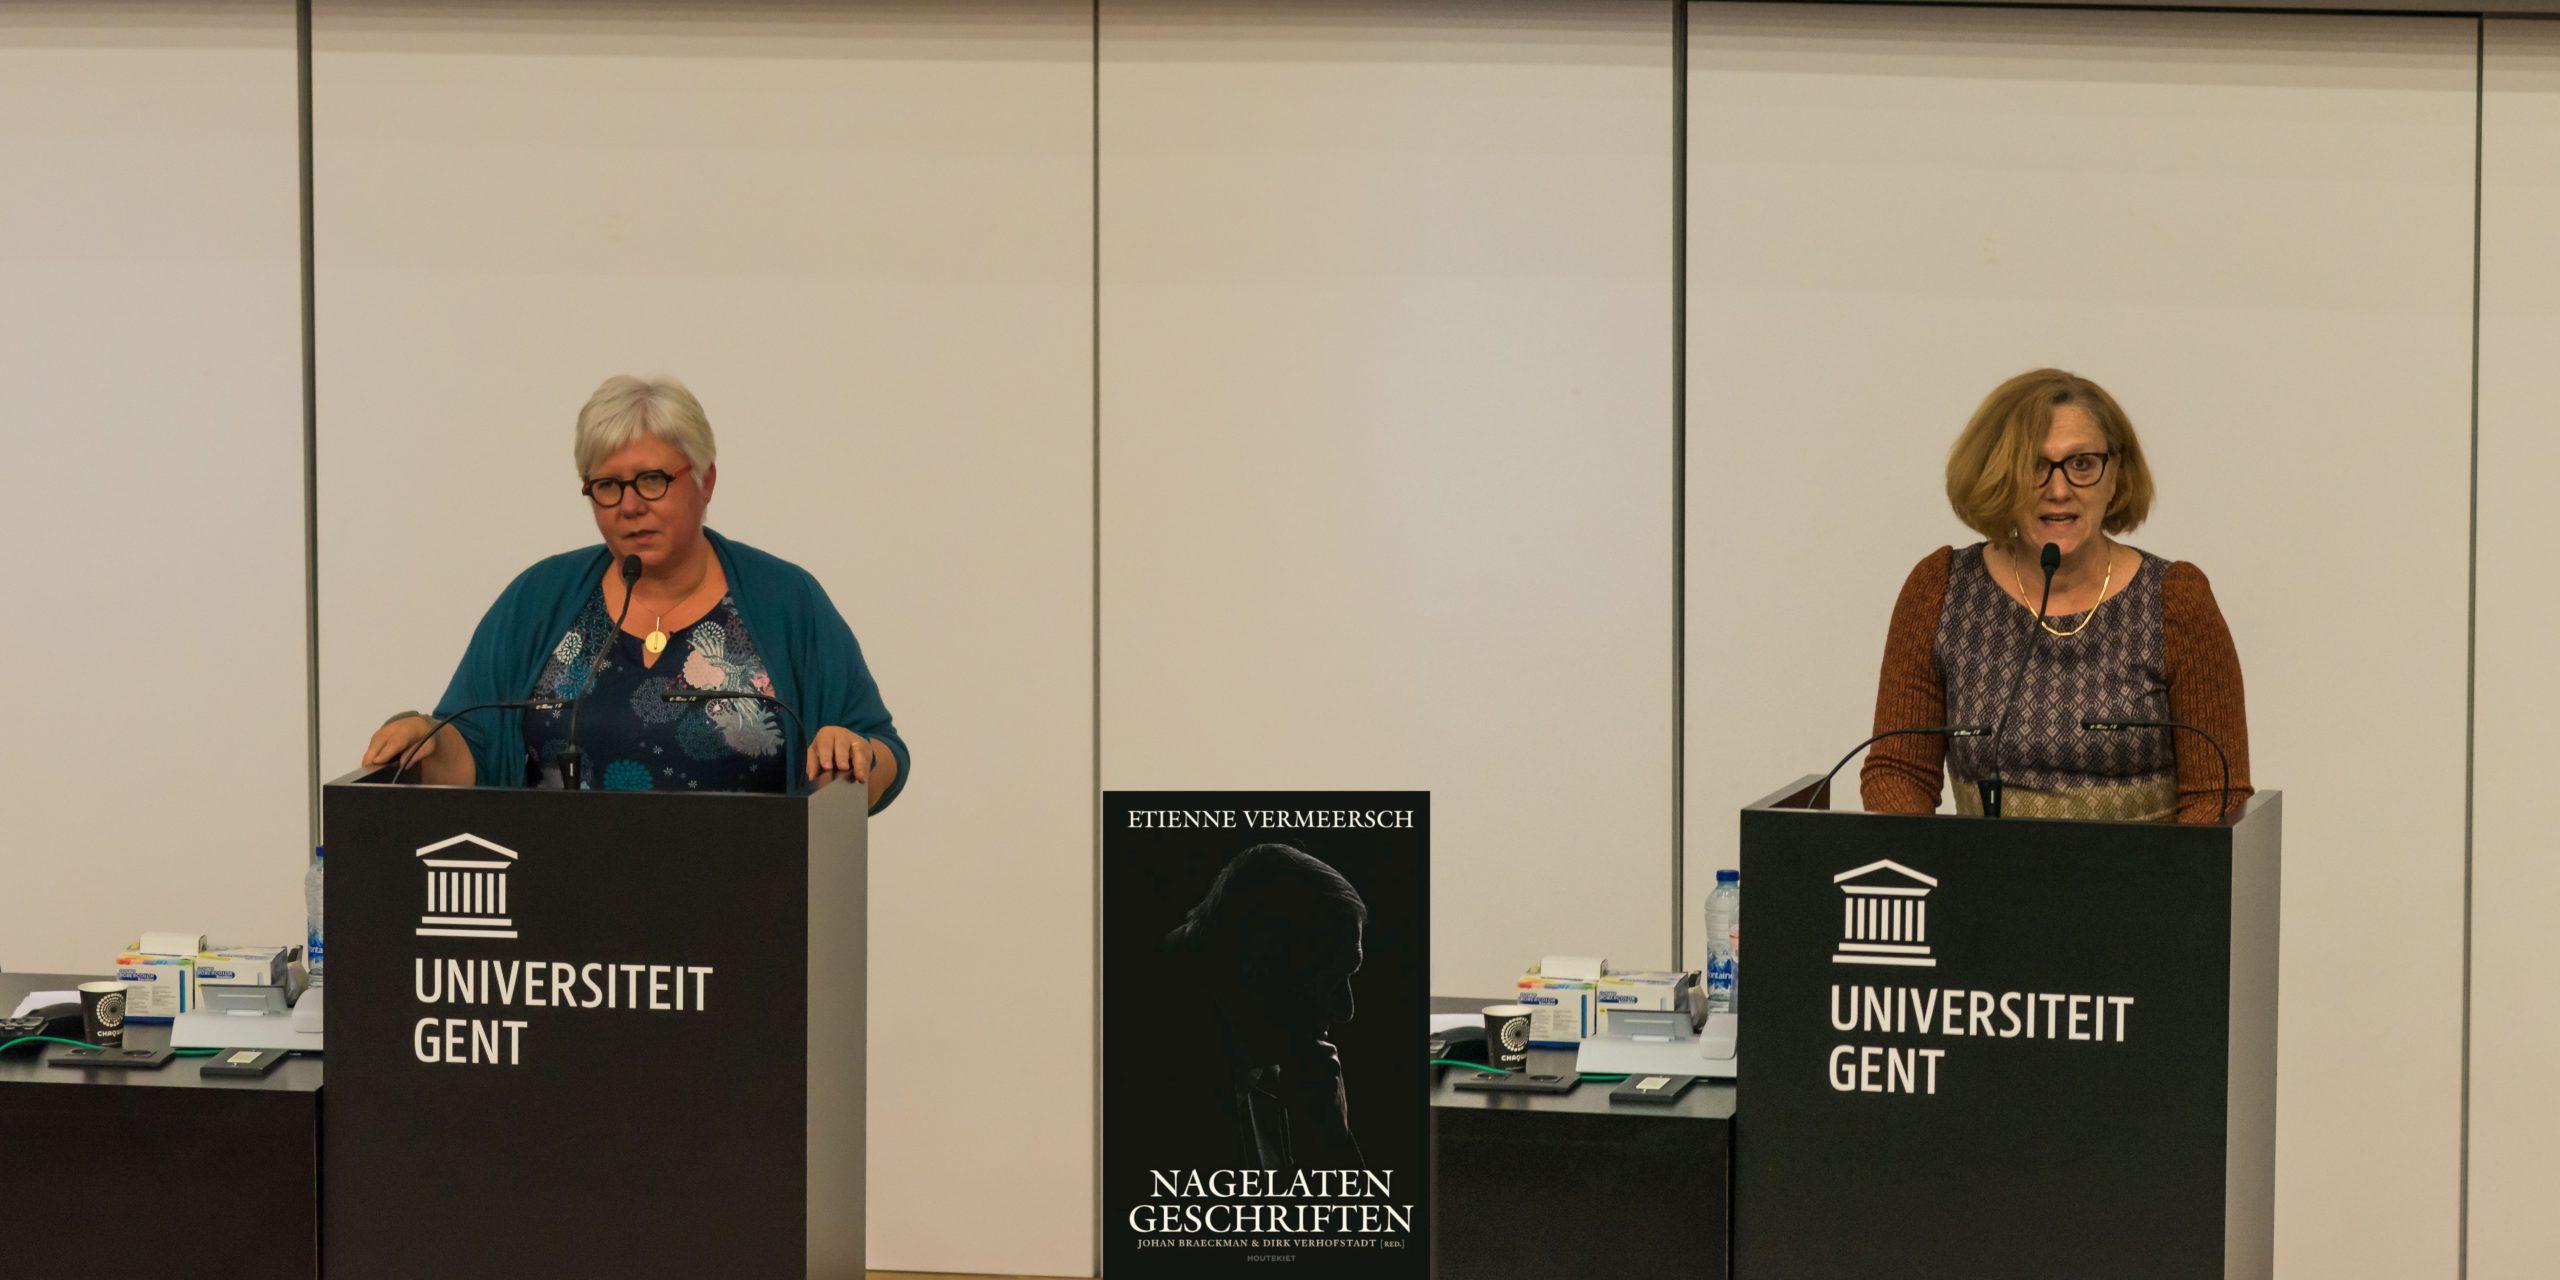 Mieke Van Herreweghe en Gita Deneckere, eren Etienne Vermeersch